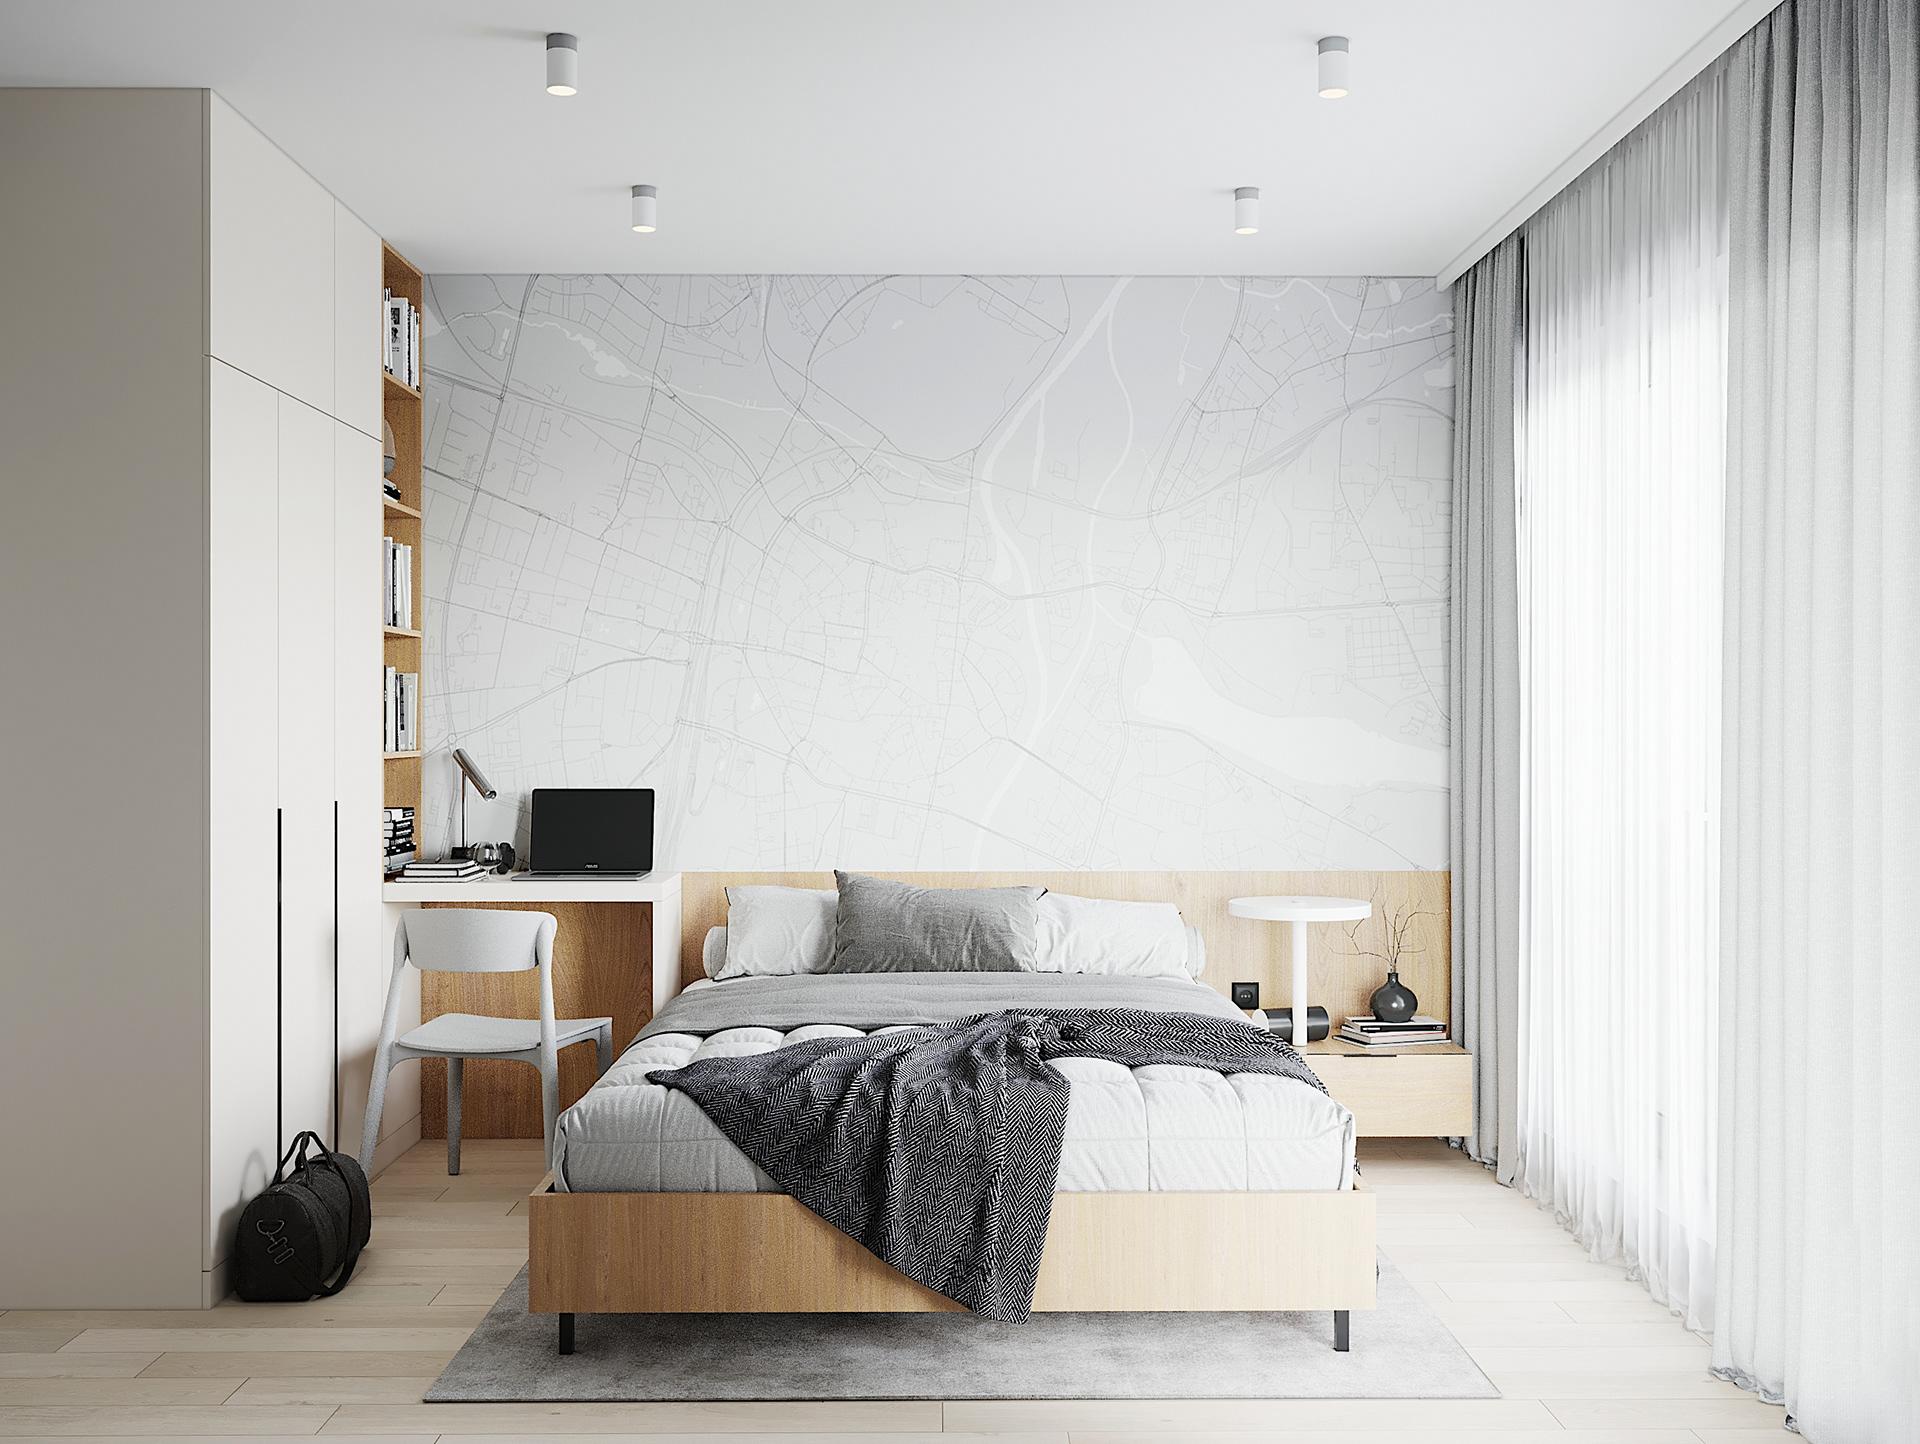 Tư vấn thiết kế căn hộ 90m² theo phong cách Scandinavian cho gia đình 3 người, chi phí 200 triệu - Ảnh 8.